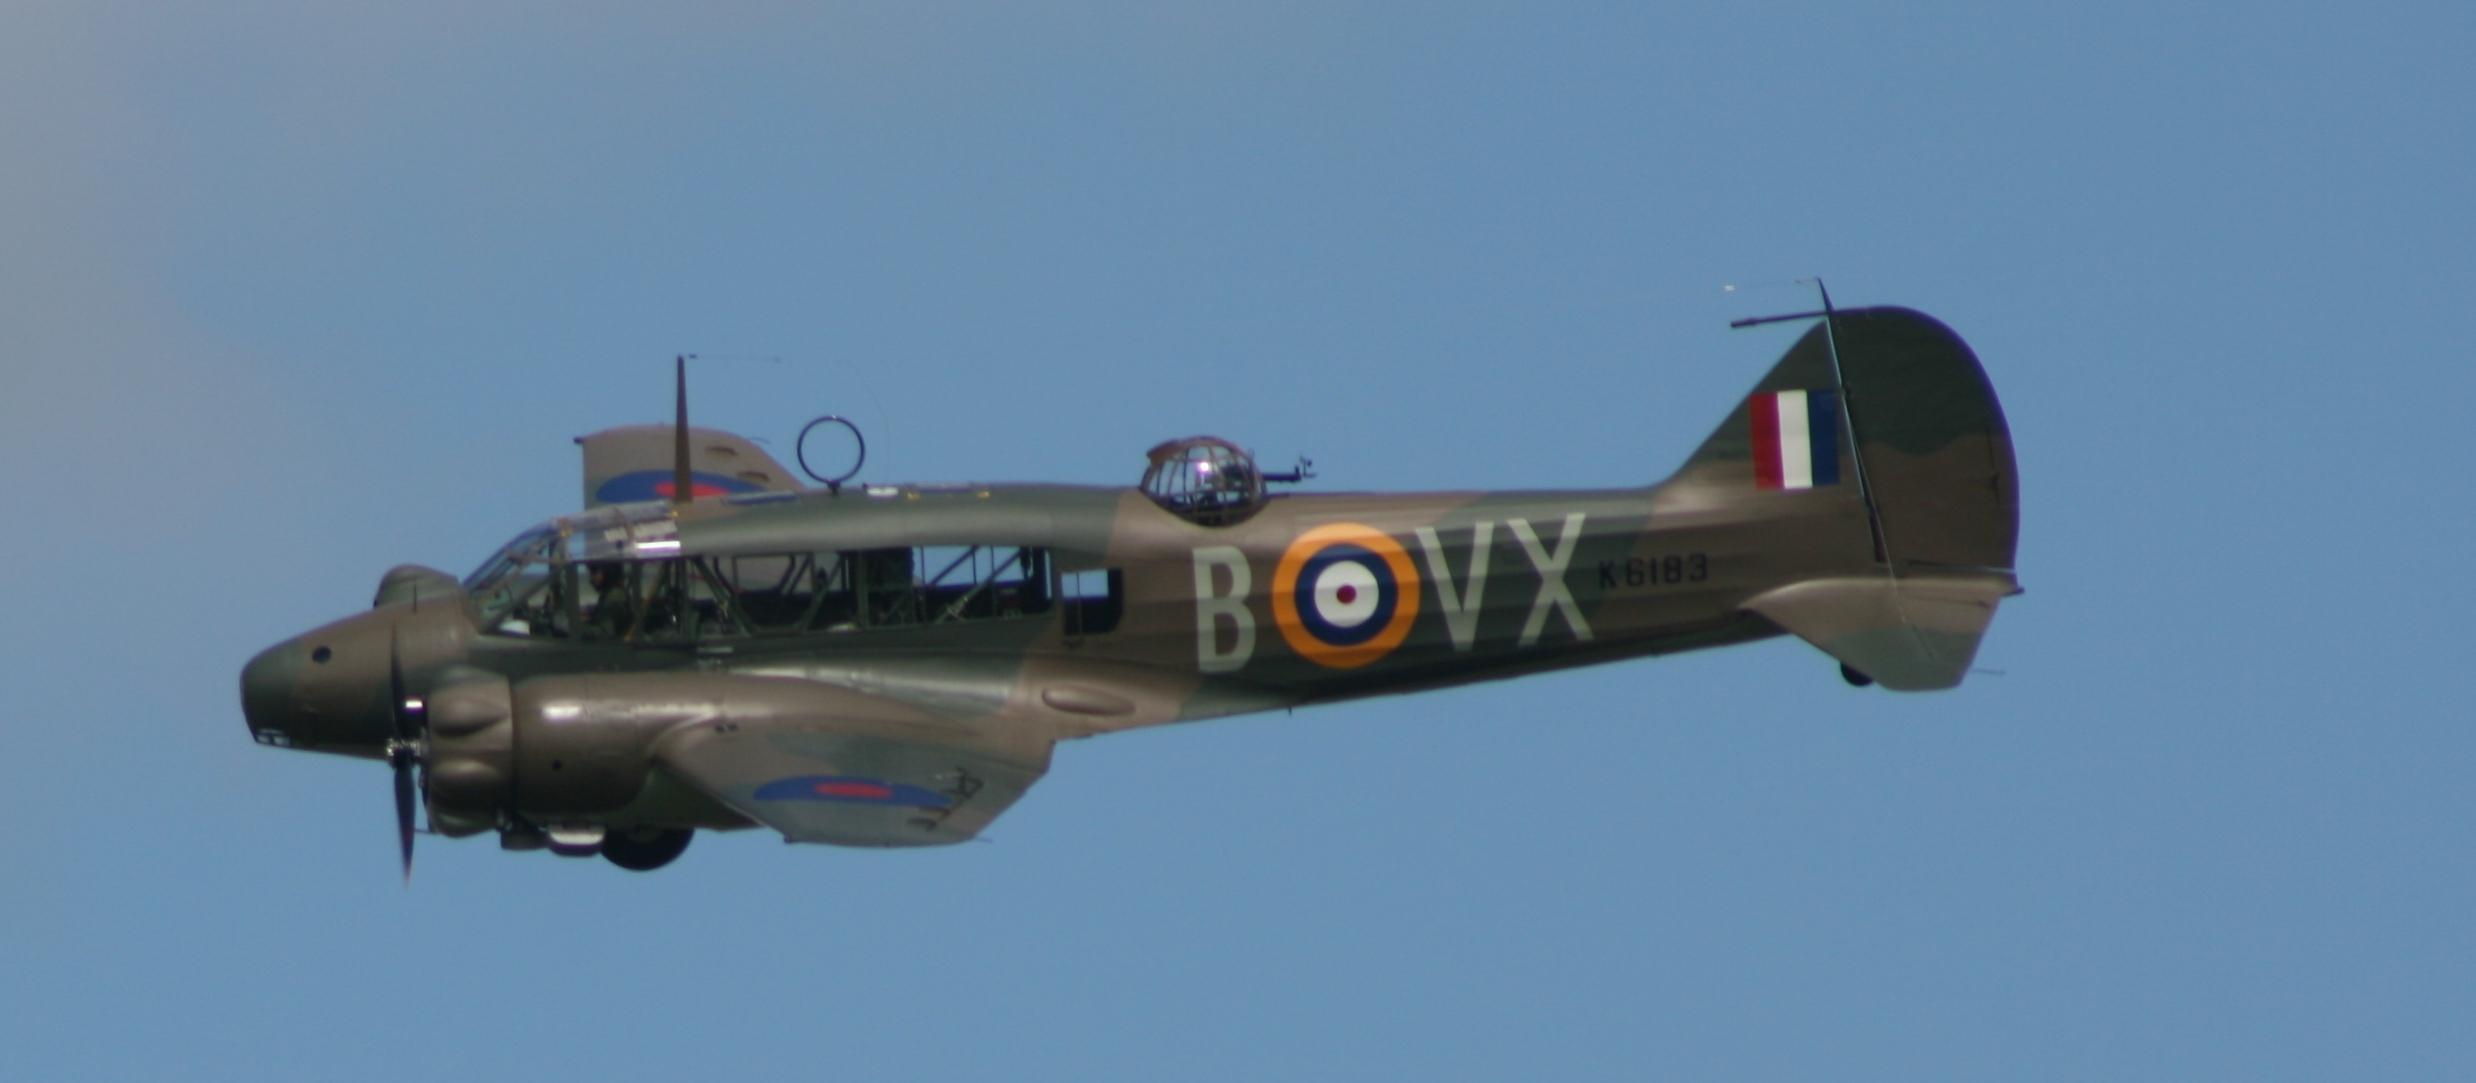 Avro Anson Mk.I  (via Wikipedia)